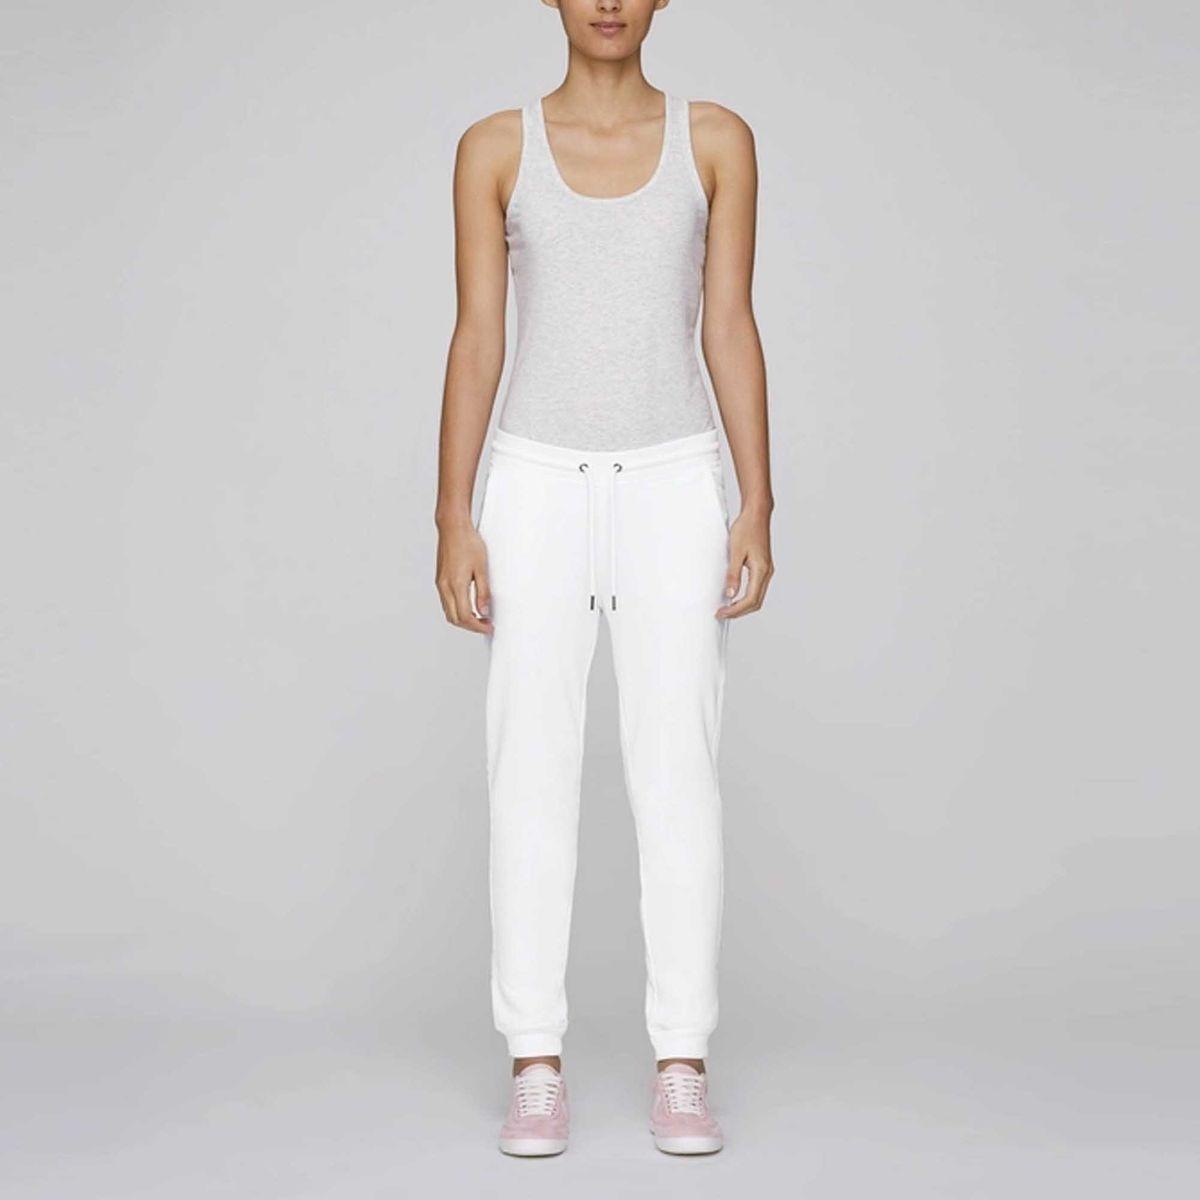 Pantalons de jogging coton bio  Alameda